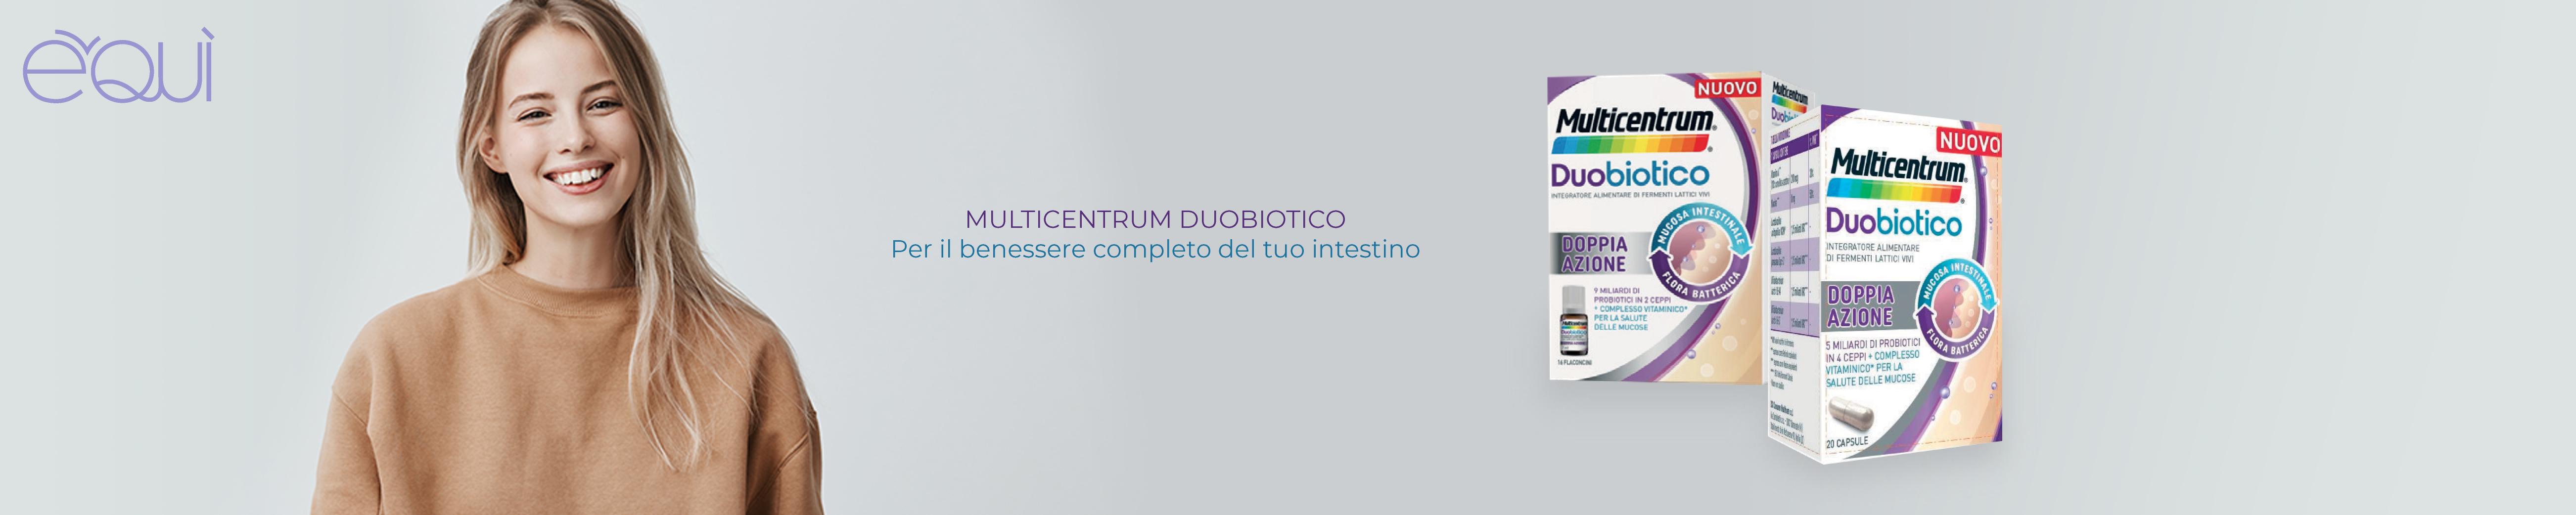 Multicentrum Duobiotico